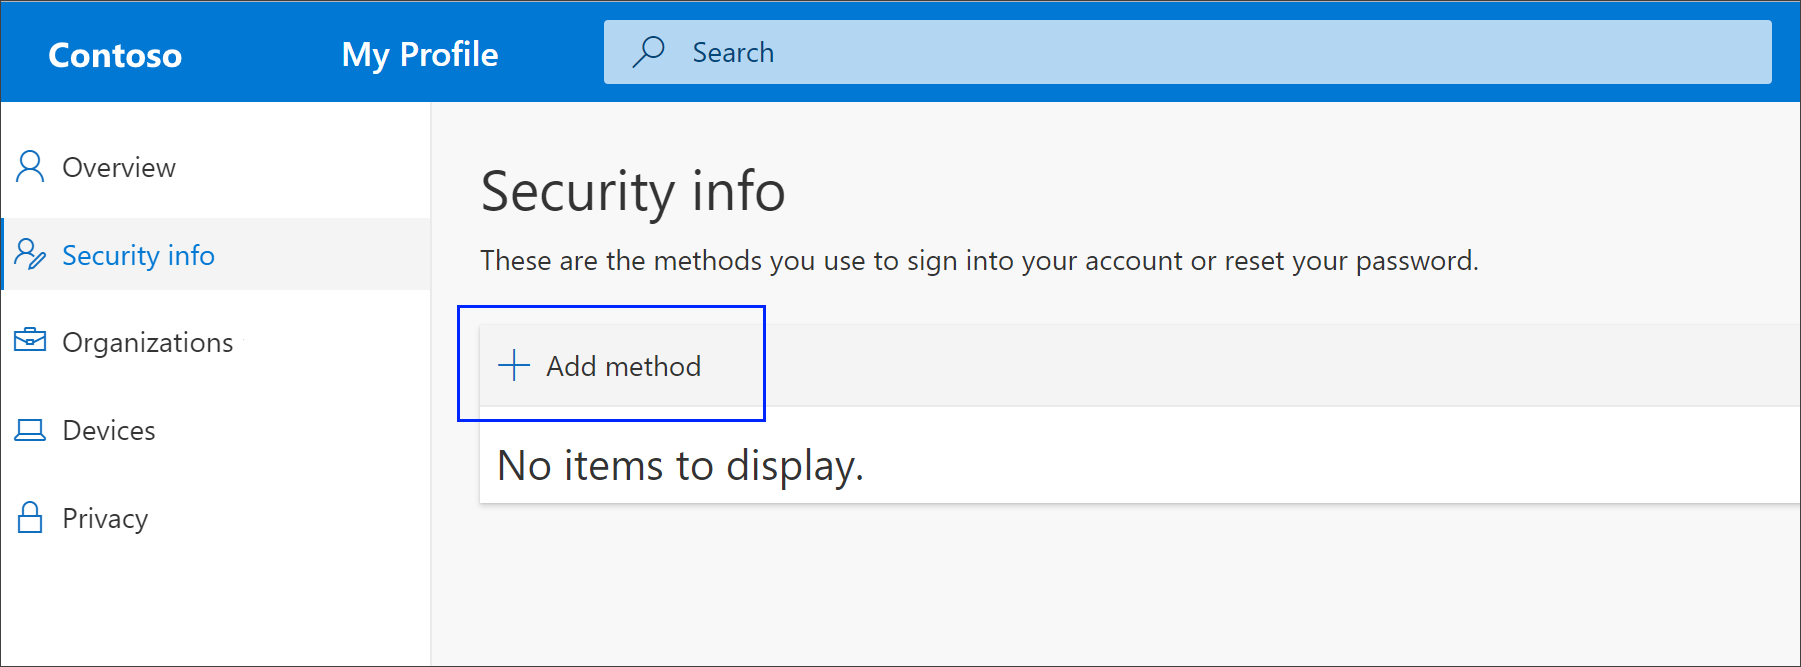 صفحة معلومات الأمان مع خيار إضافة أسلوب تم تمييزه